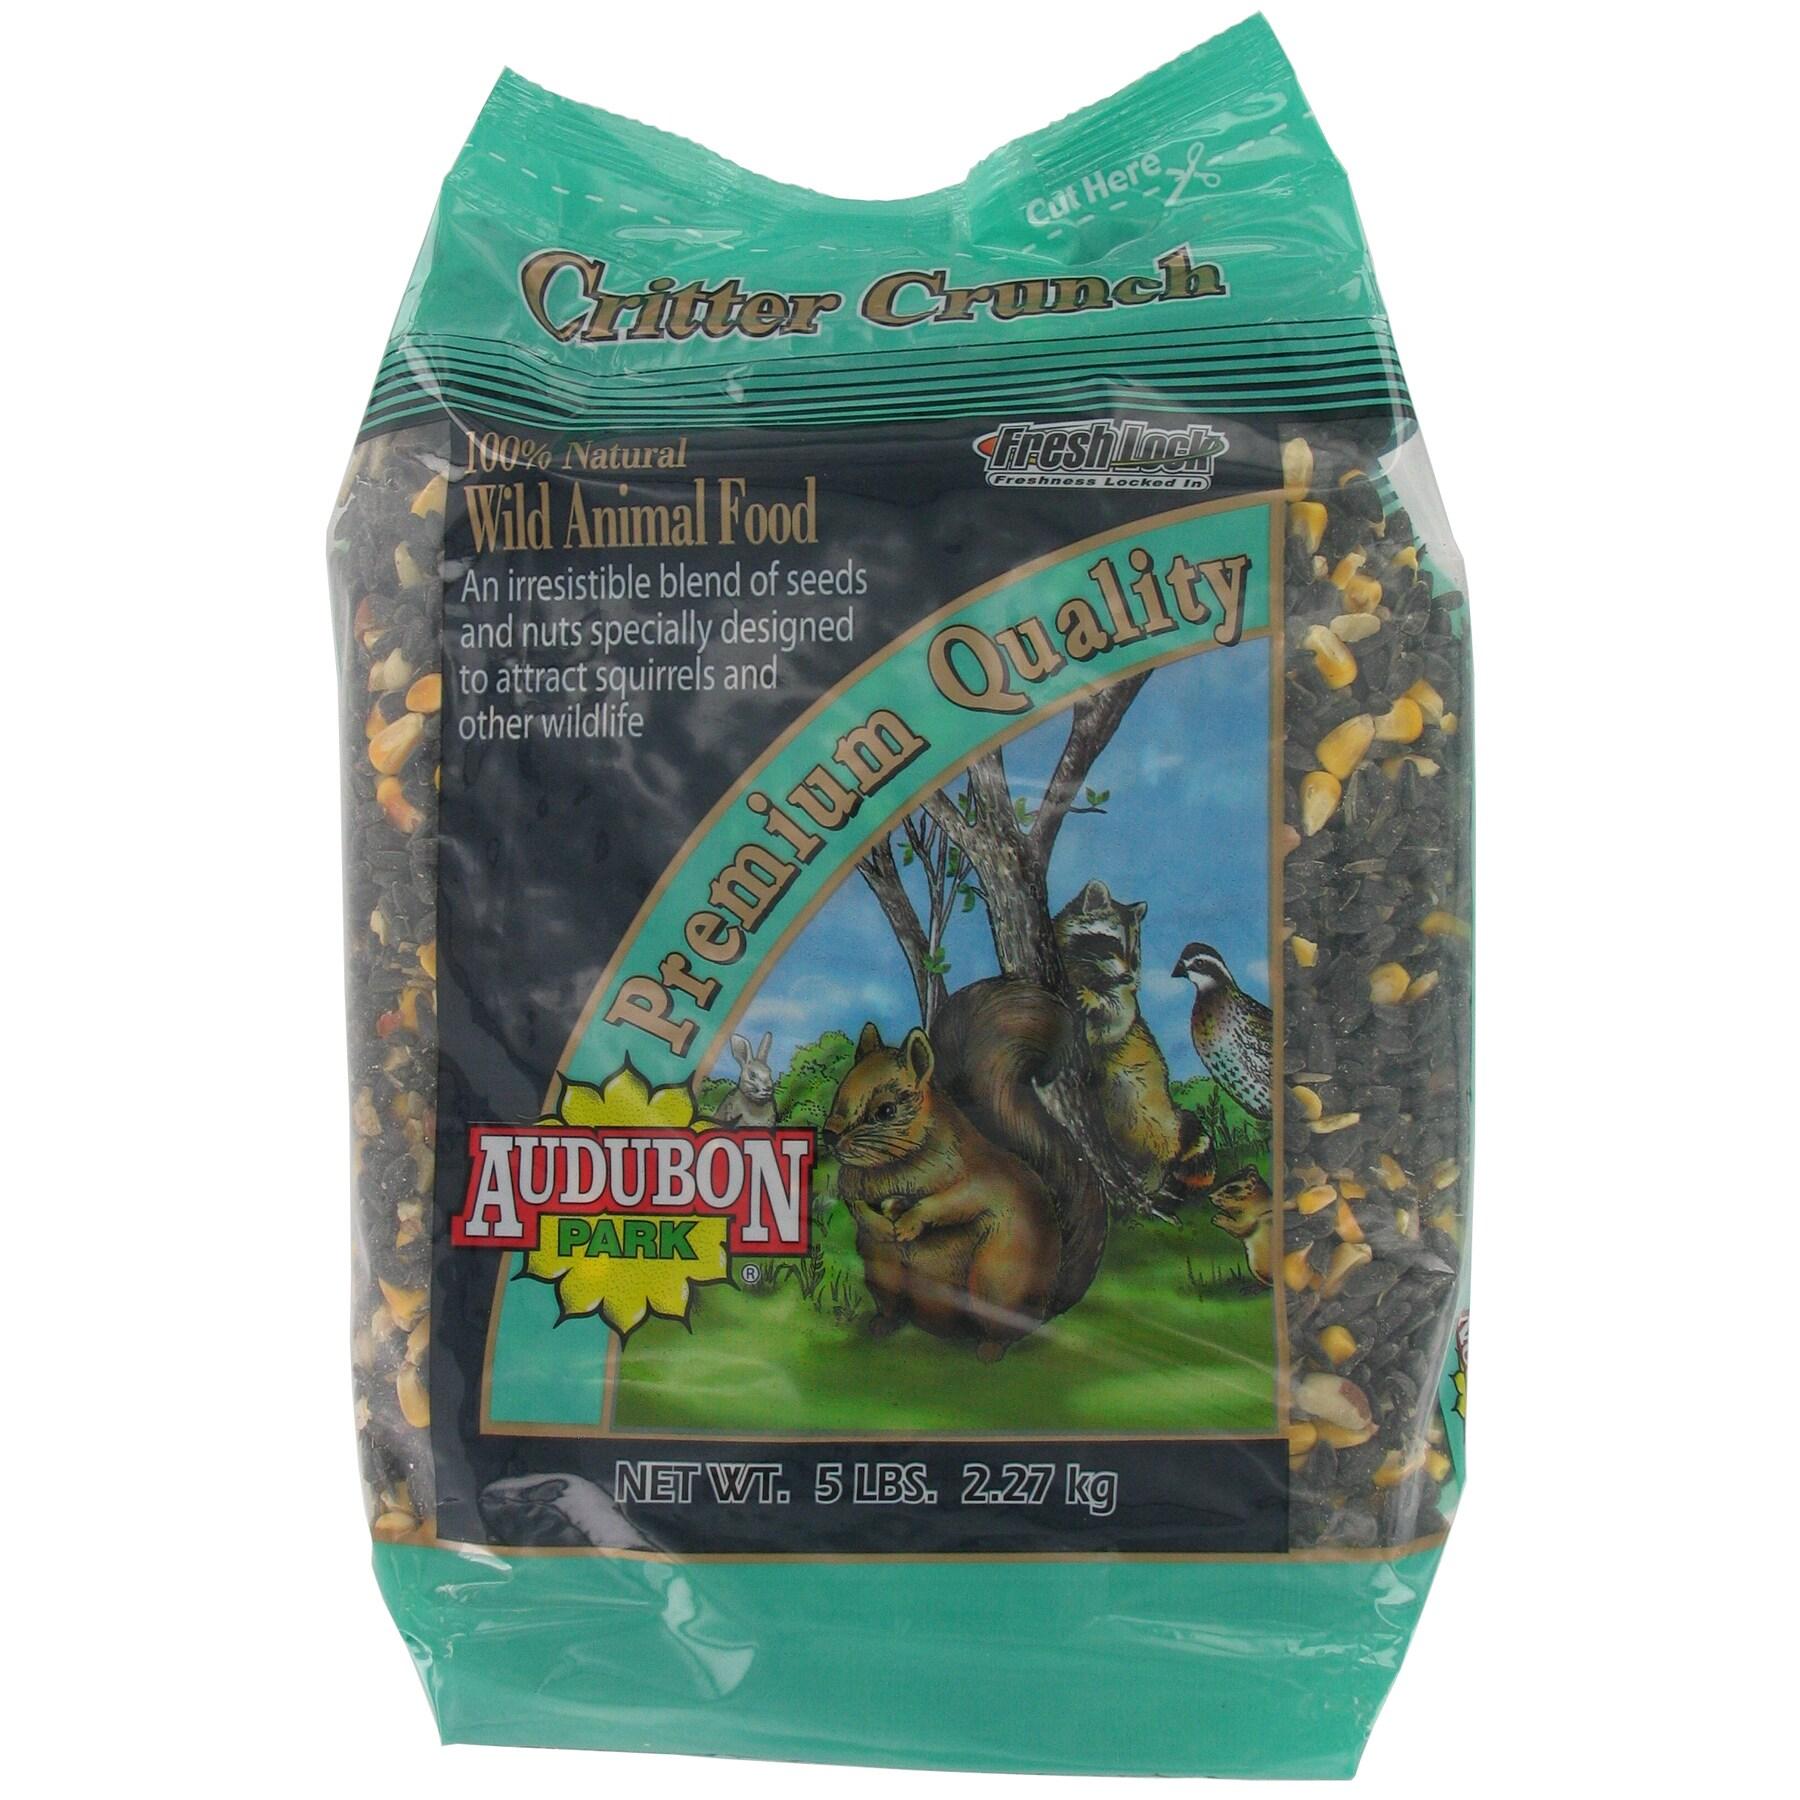 Audubon Park 5 Lbs Critter Crunch Birdseed (5 LB)